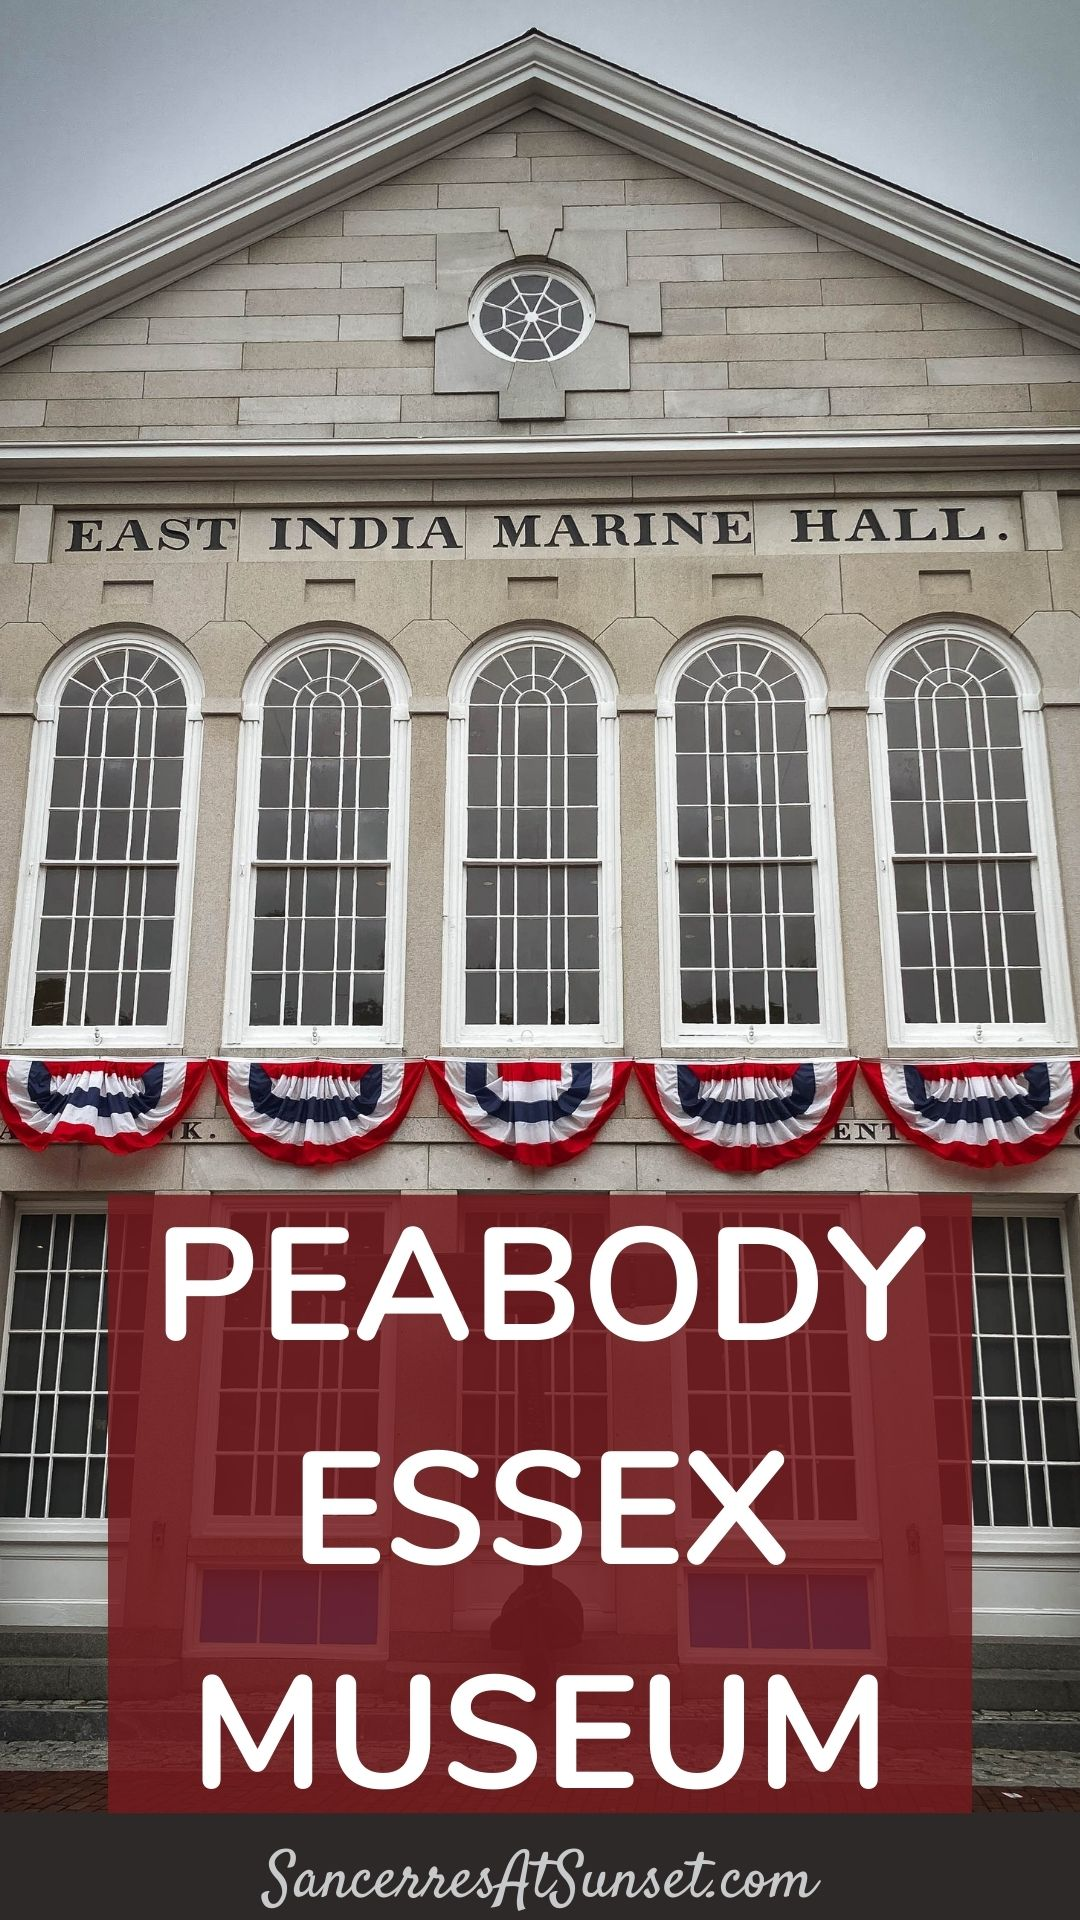 Peabody Essex Museum in Salem, Massachusetts